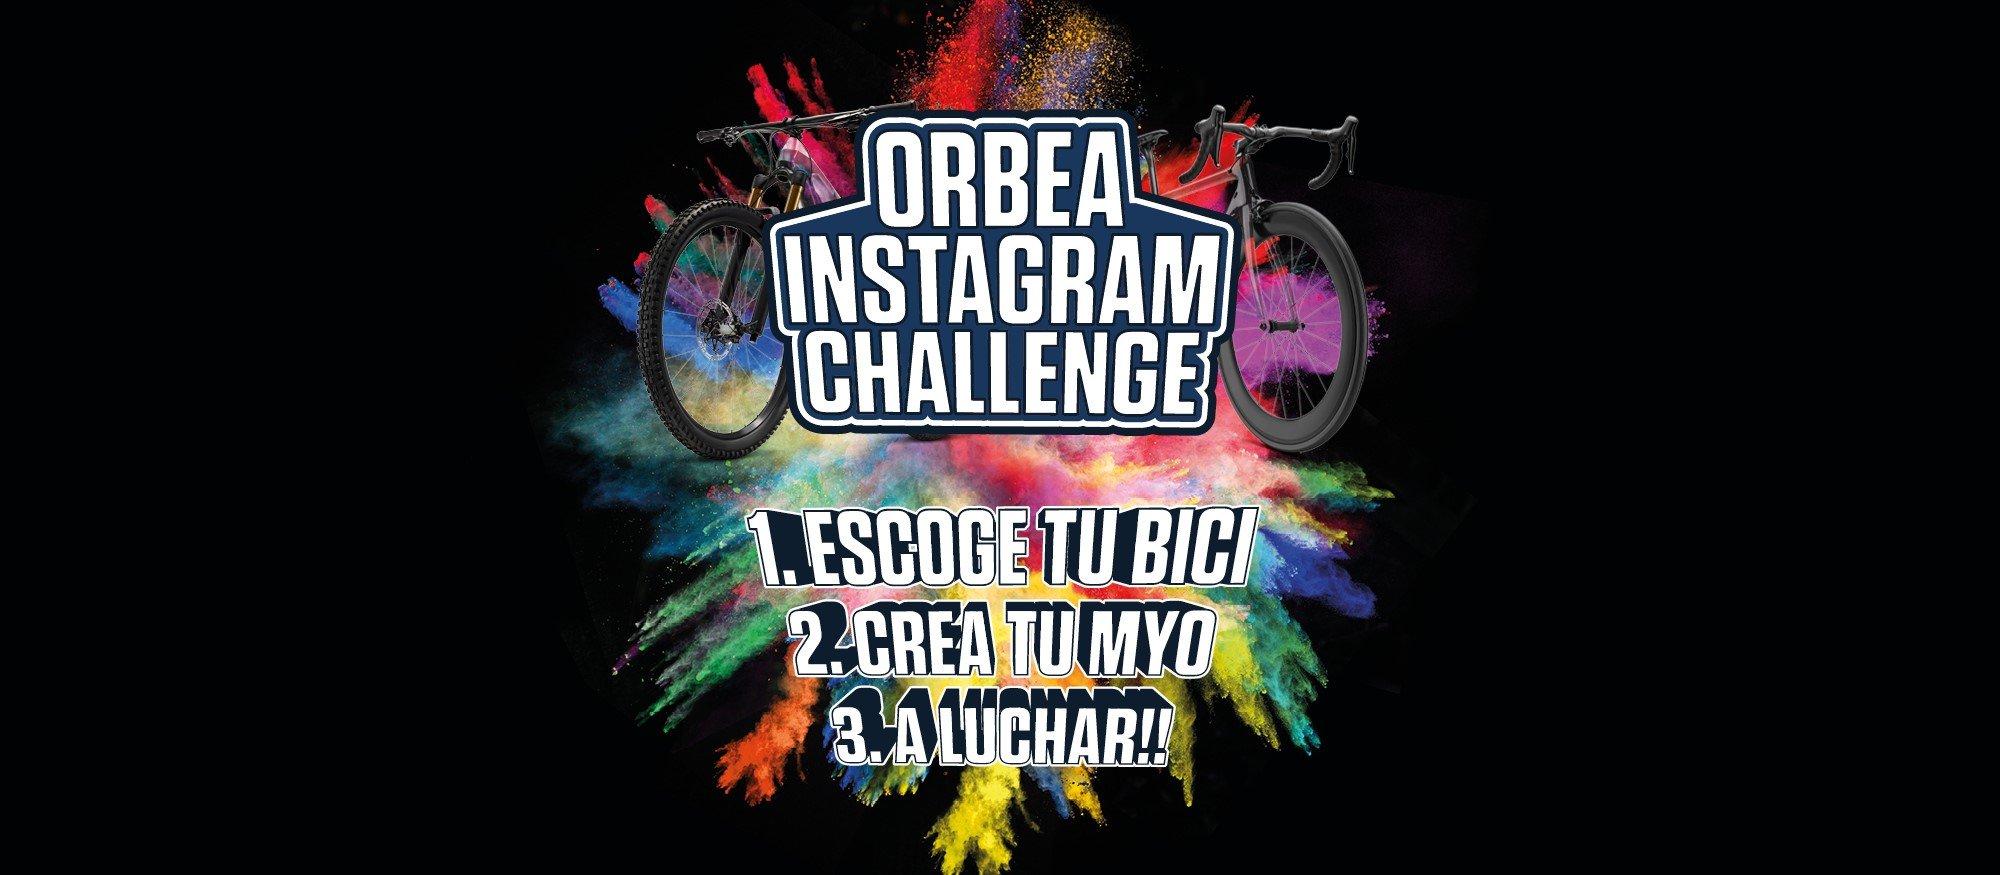 Orbea Instagram Challenge